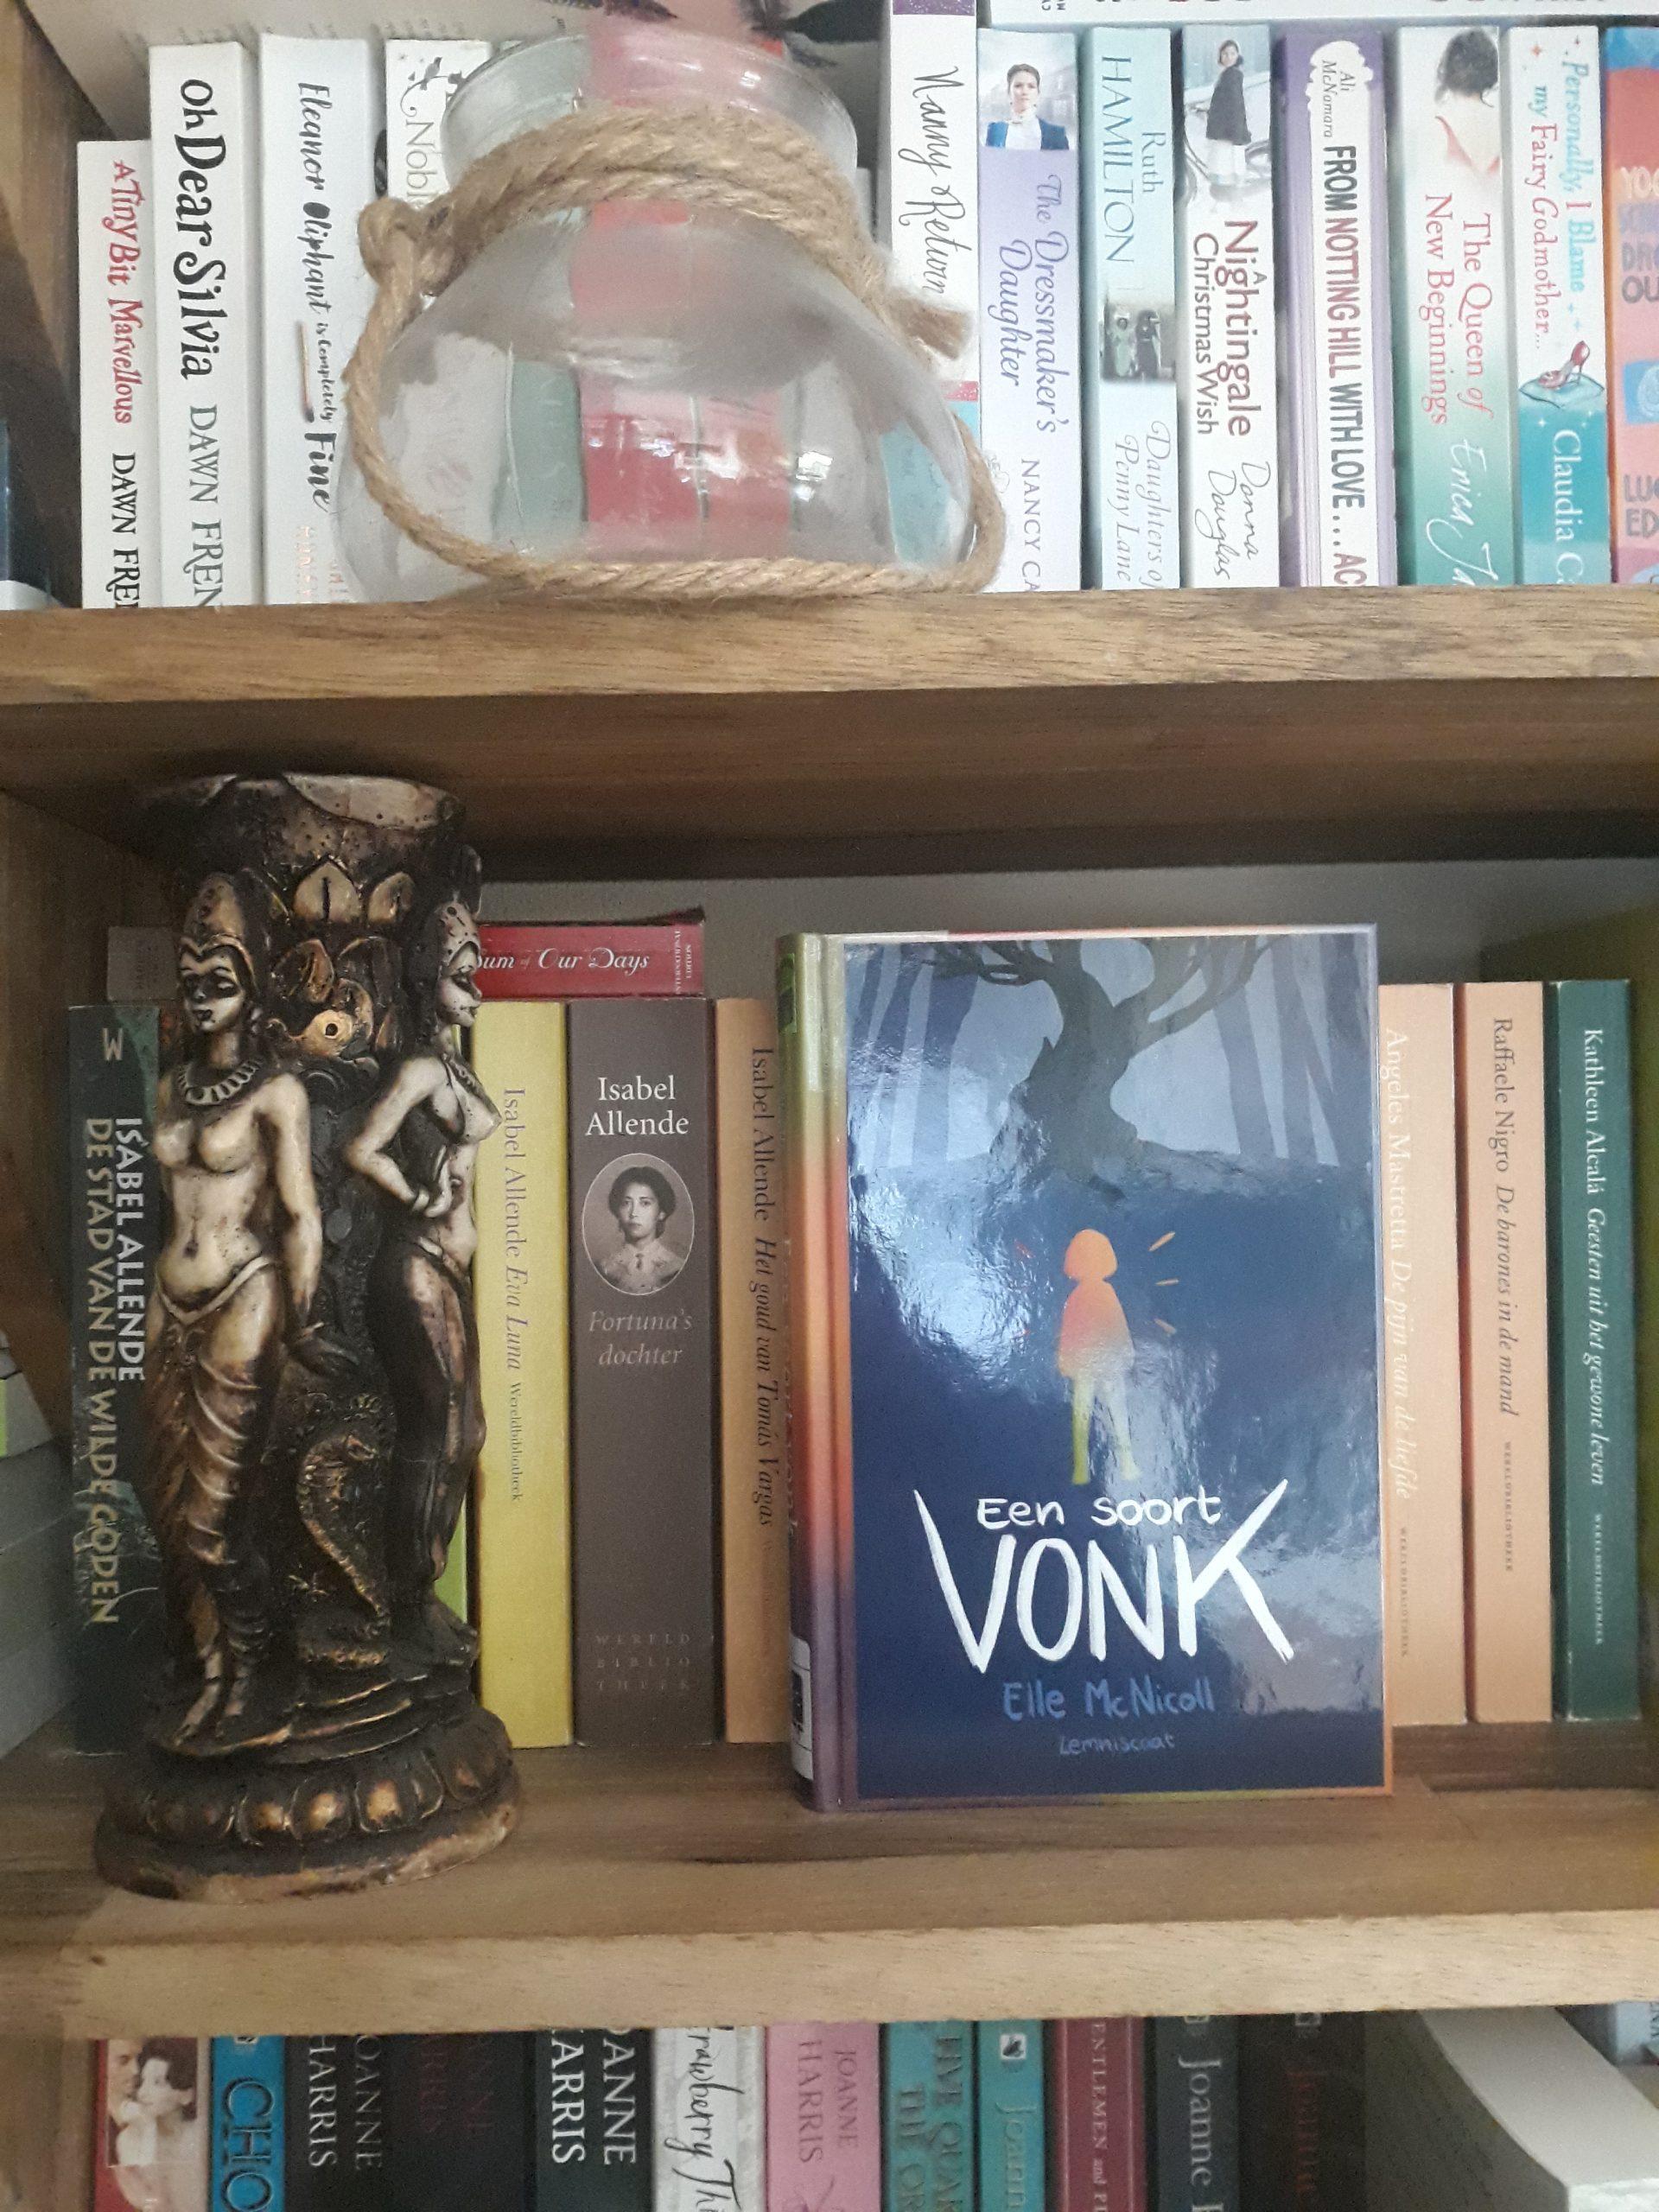 Boekrecensie: Een soort vonk – Elle McNicoll